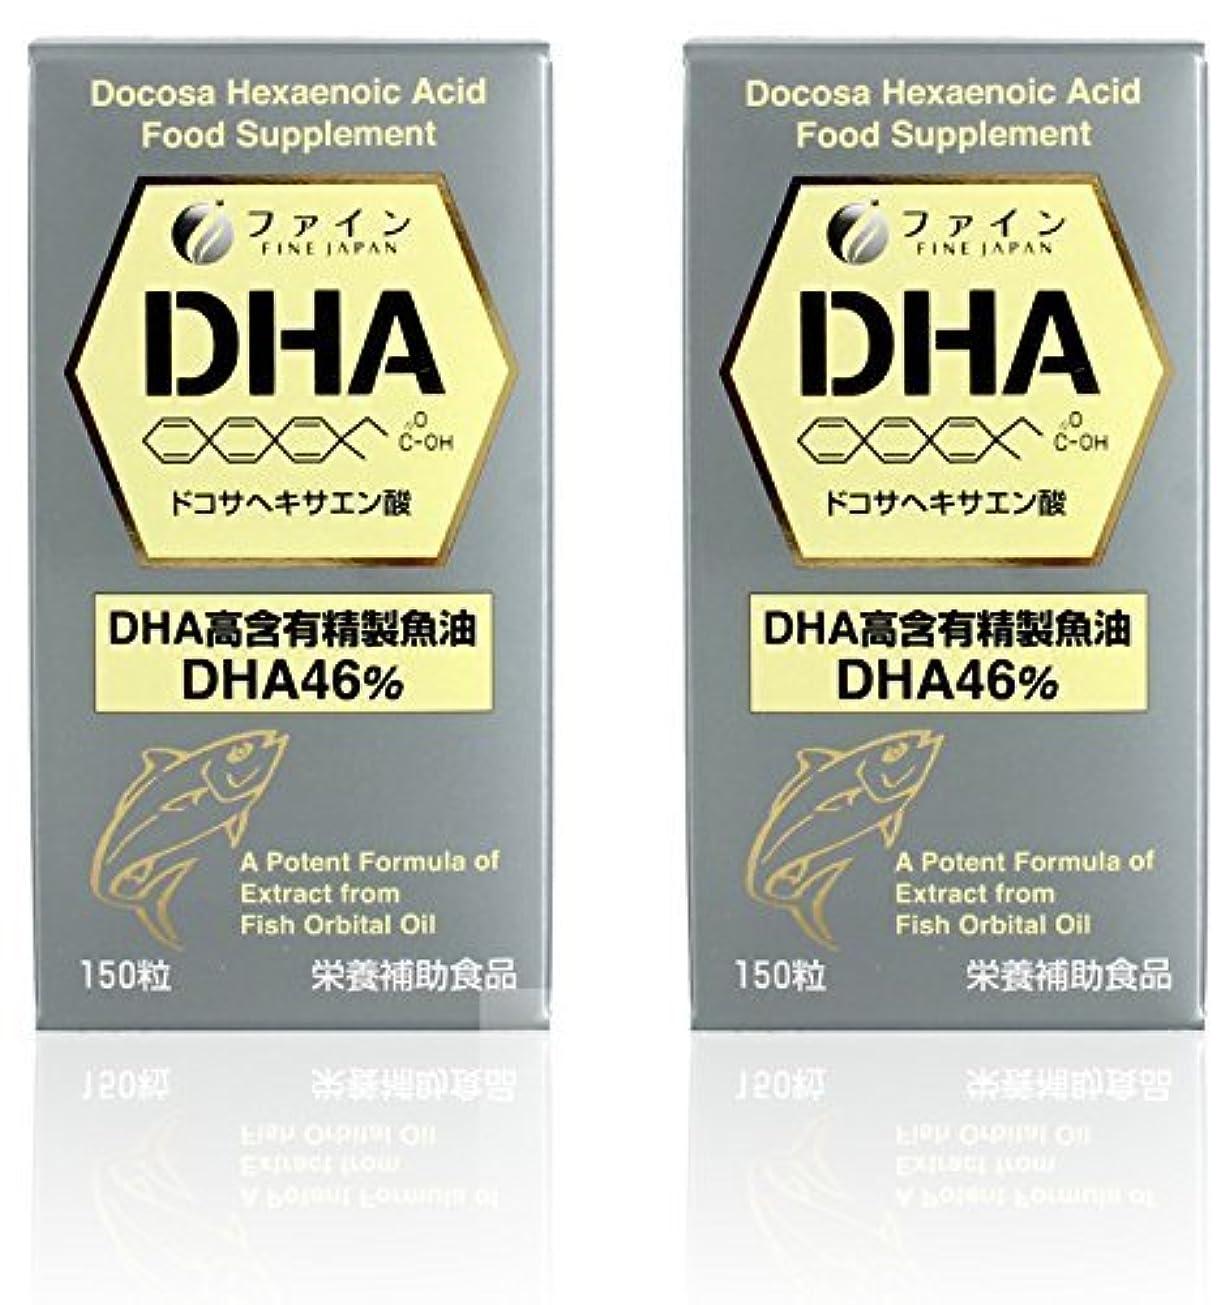 セージ間隔あらゆる種類のファイン DHA DHA EPA配合 (1日3~5粒/150粒入)×2個セット